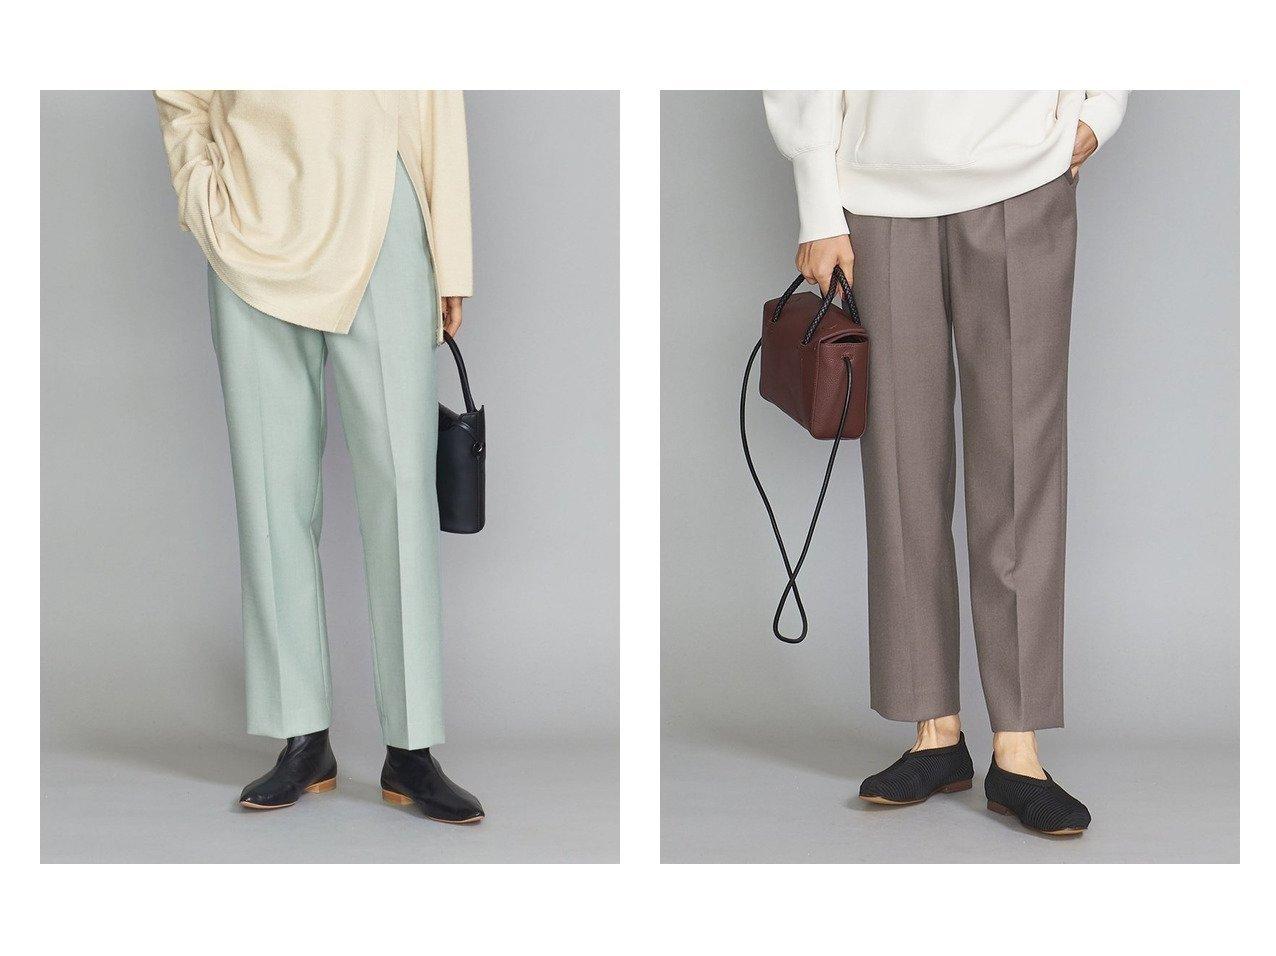 【BEAUTY&YOUTH UNITED ARROWS/ビューティアンド ユースユナイテッドアローズ】のBY ダブルクロススリムテーパードパンツ -ウォッシャブル- パンツのおすすめ!人気、レディースファッションの通販 おすすめで人気のファッション通販商品 インテリア・家具・キッズファッション・メンズファッション・レディースファッション・服の通販 founy(ファニー) https://founy.com/ ファッション Fashion レディース WOMEN パンツ Pants くるぶし ウォッシャブル クロップド ショート ジーンズ スニーカー ダブル |ID:crp329100000003010